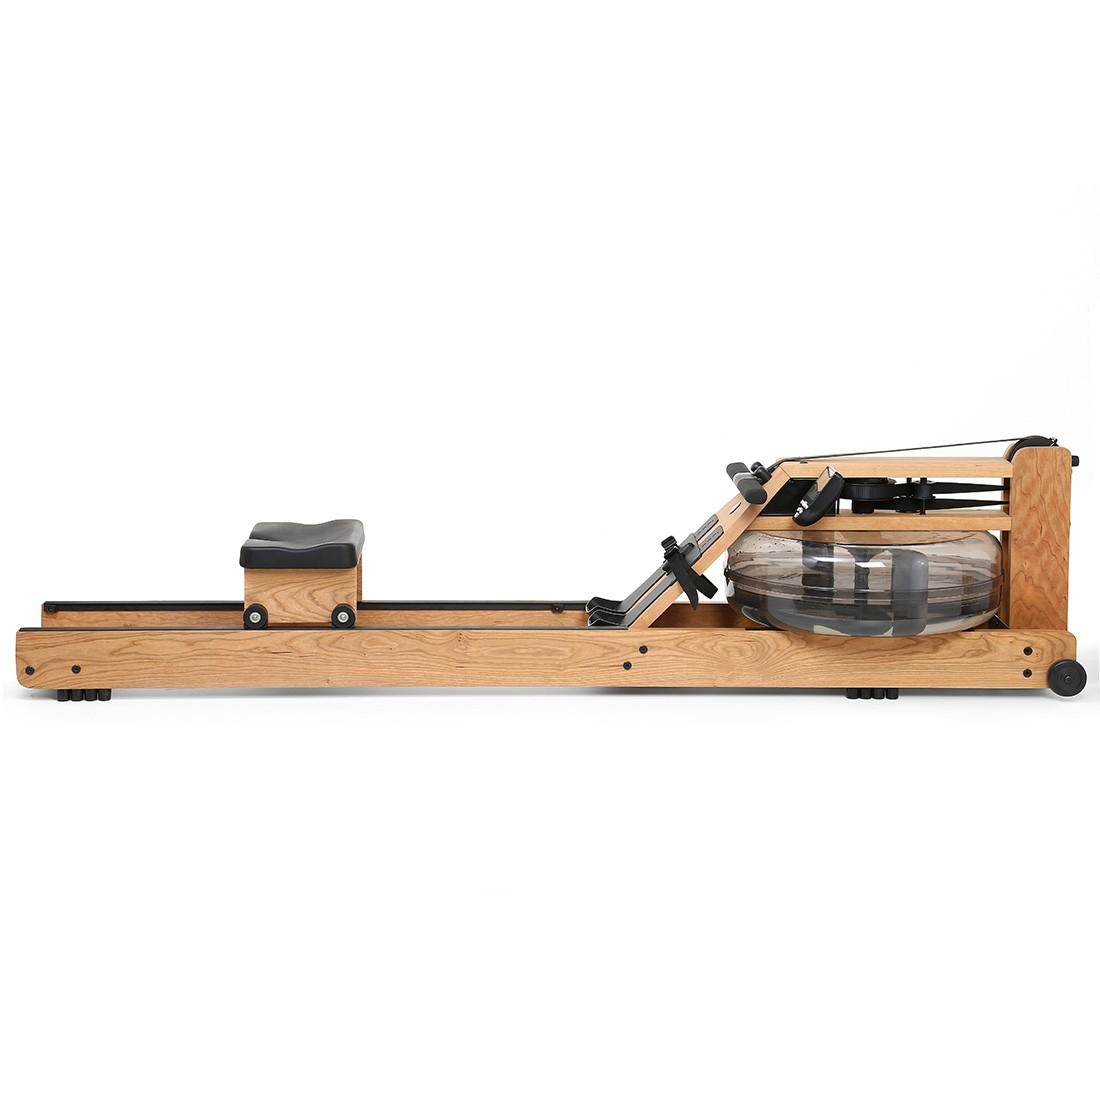 WaterRower - Cherry Rowing Machine